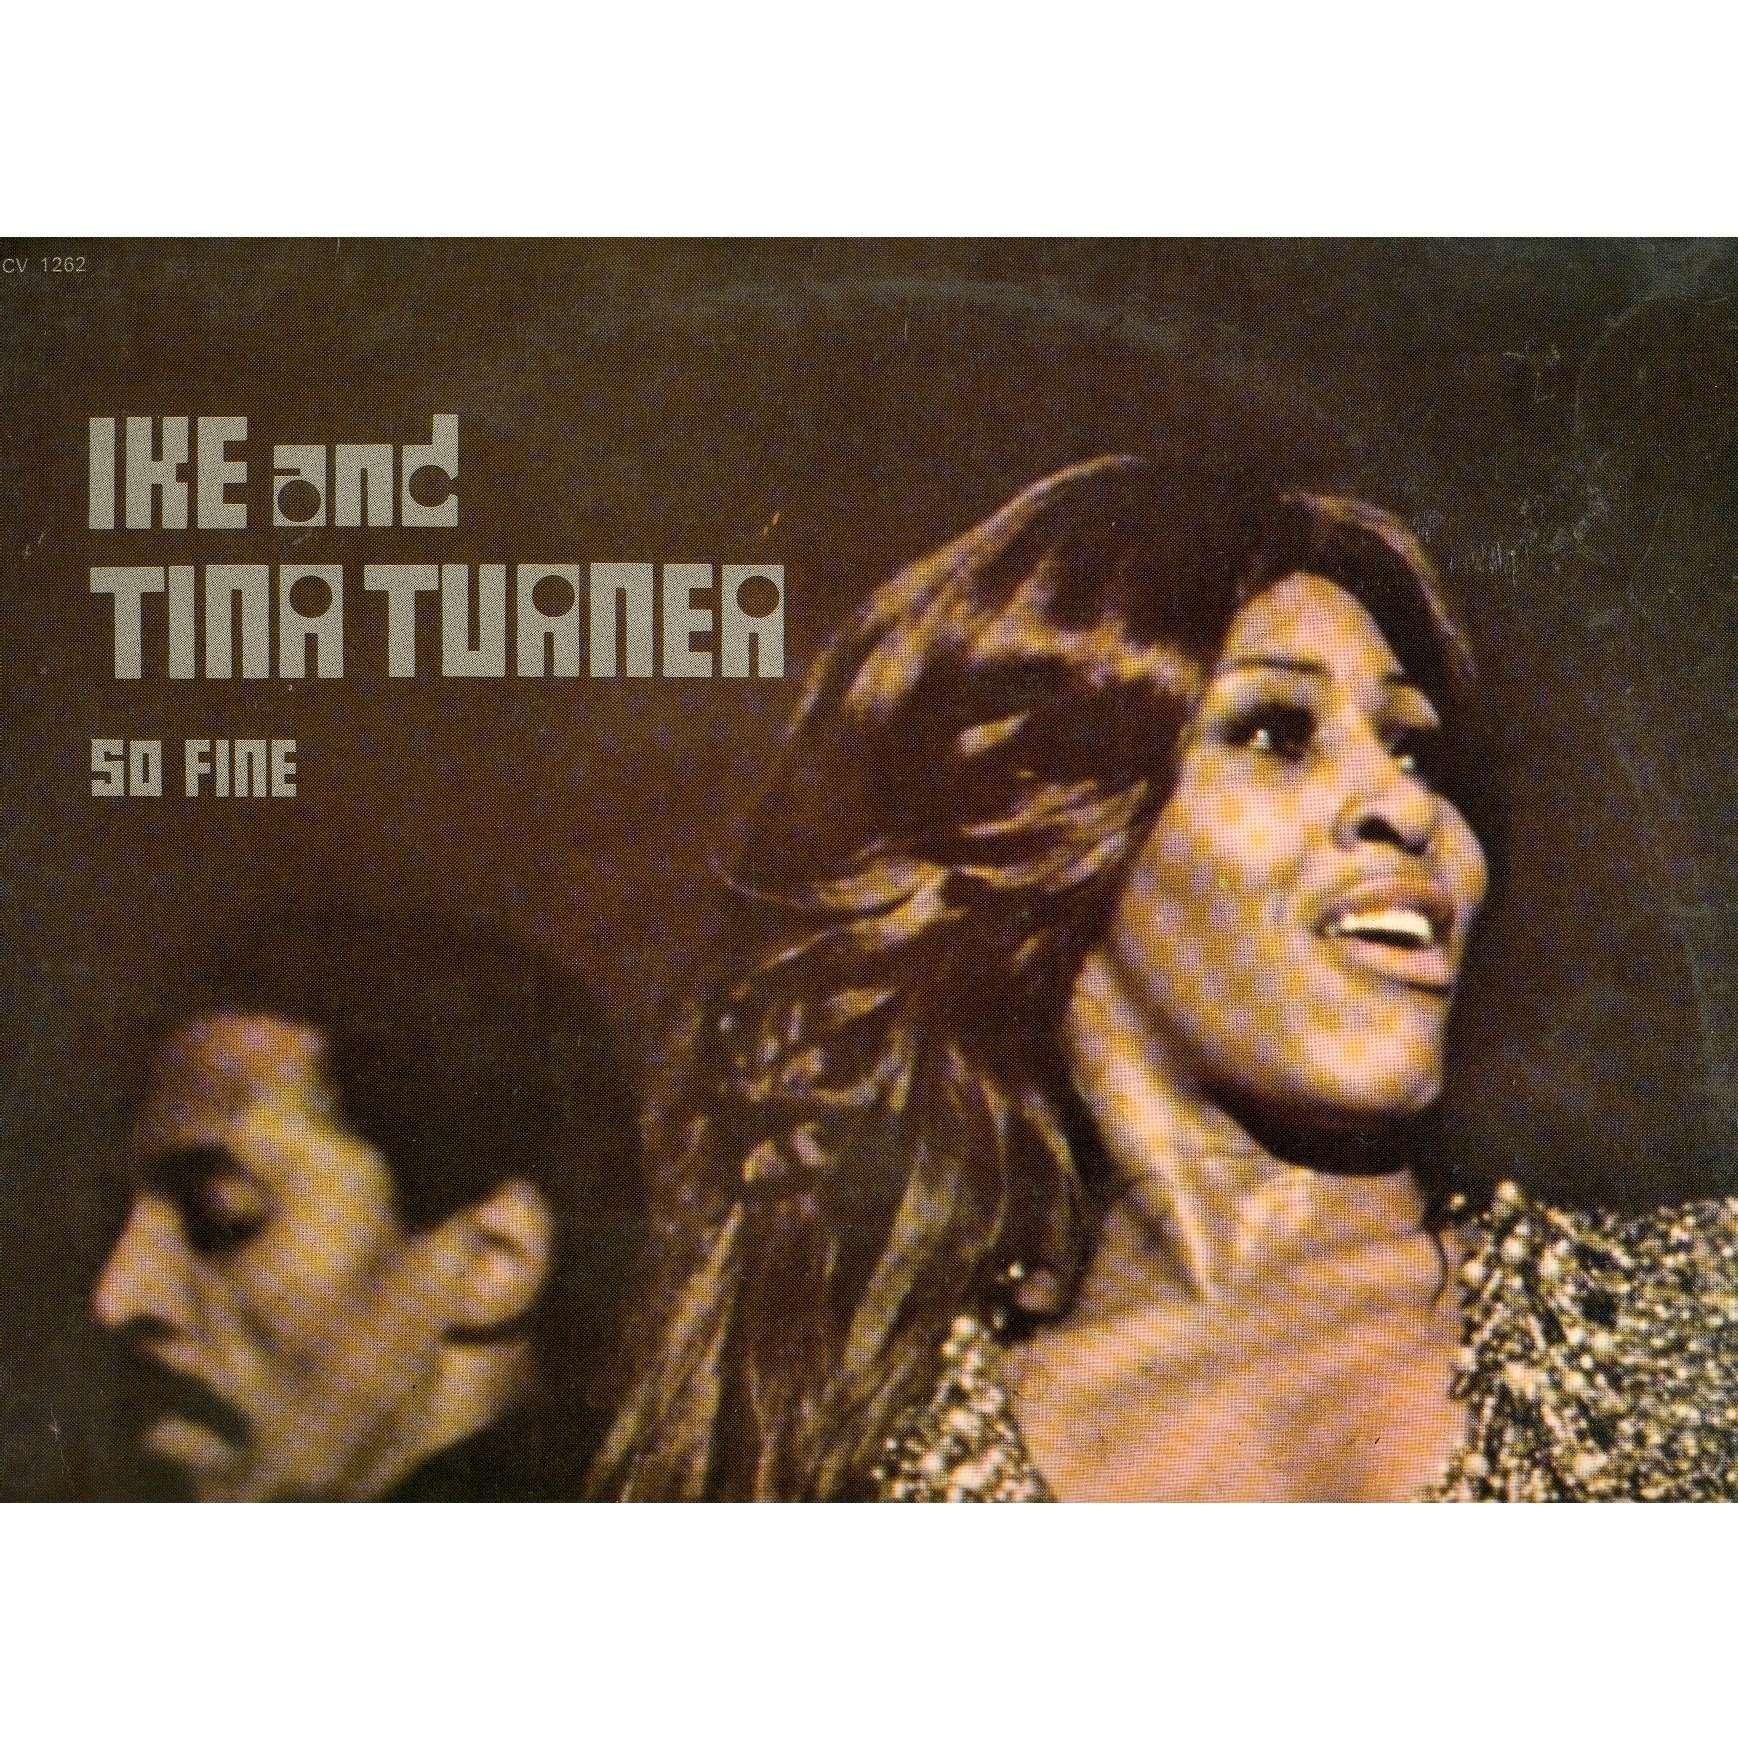 Ike Tina Turner Please Please Please Am I A Fool In Love